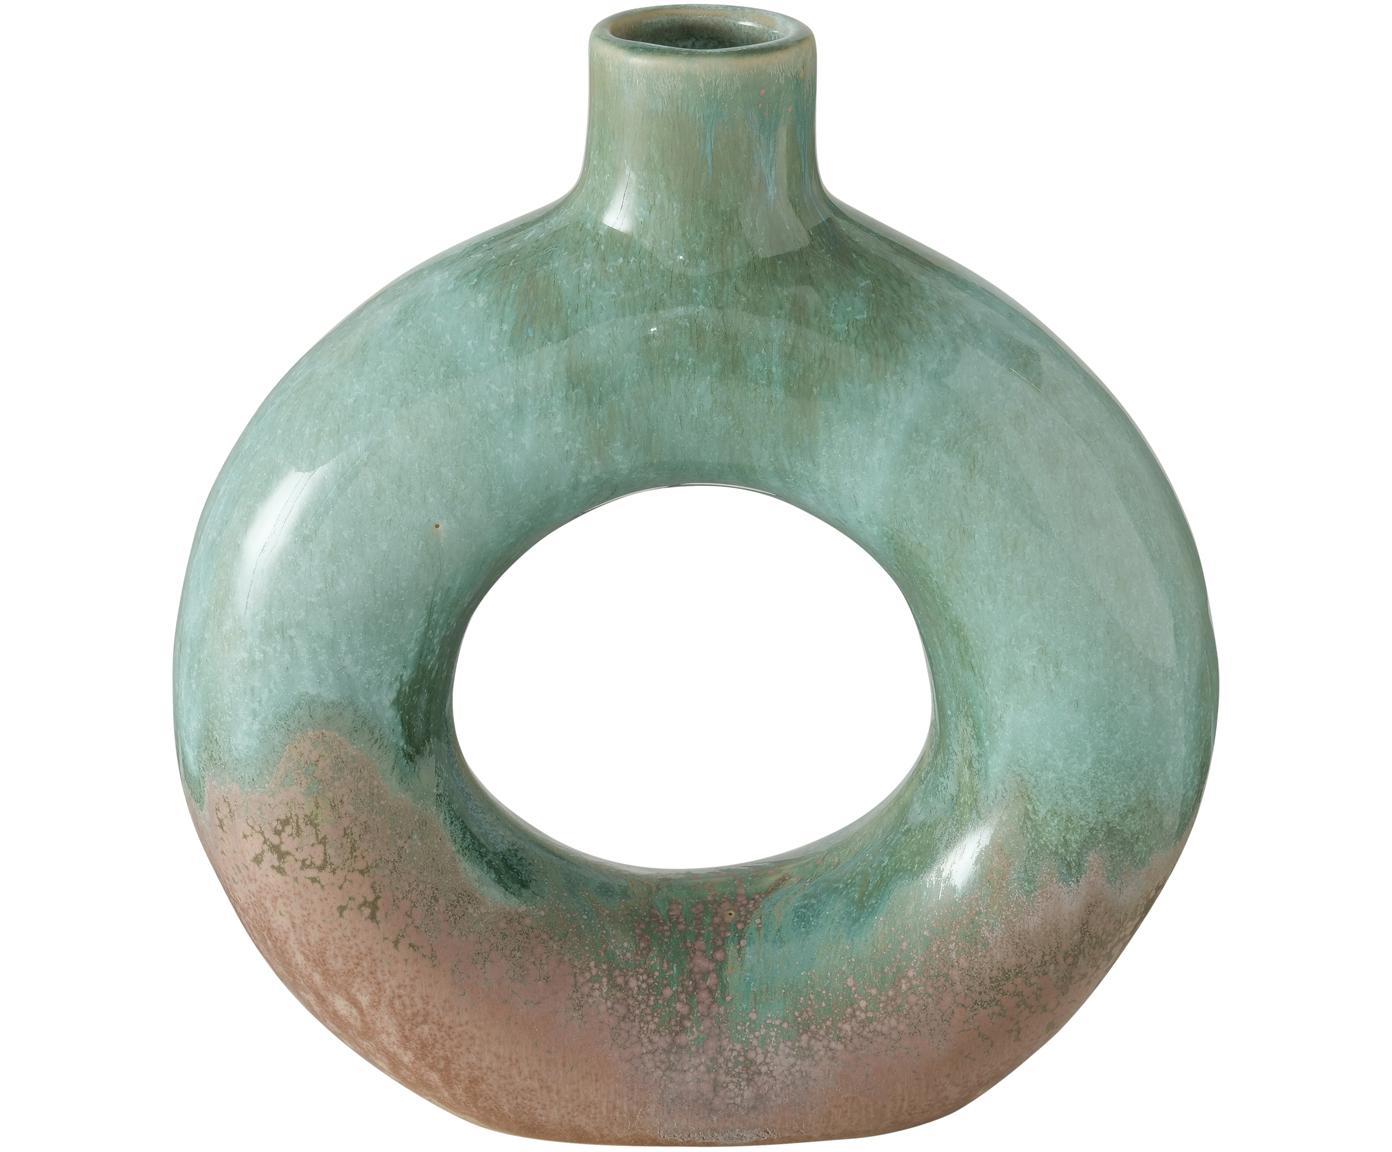 Glasierte Vase Peruya, Steingut, Grün, 19 x 21 cm